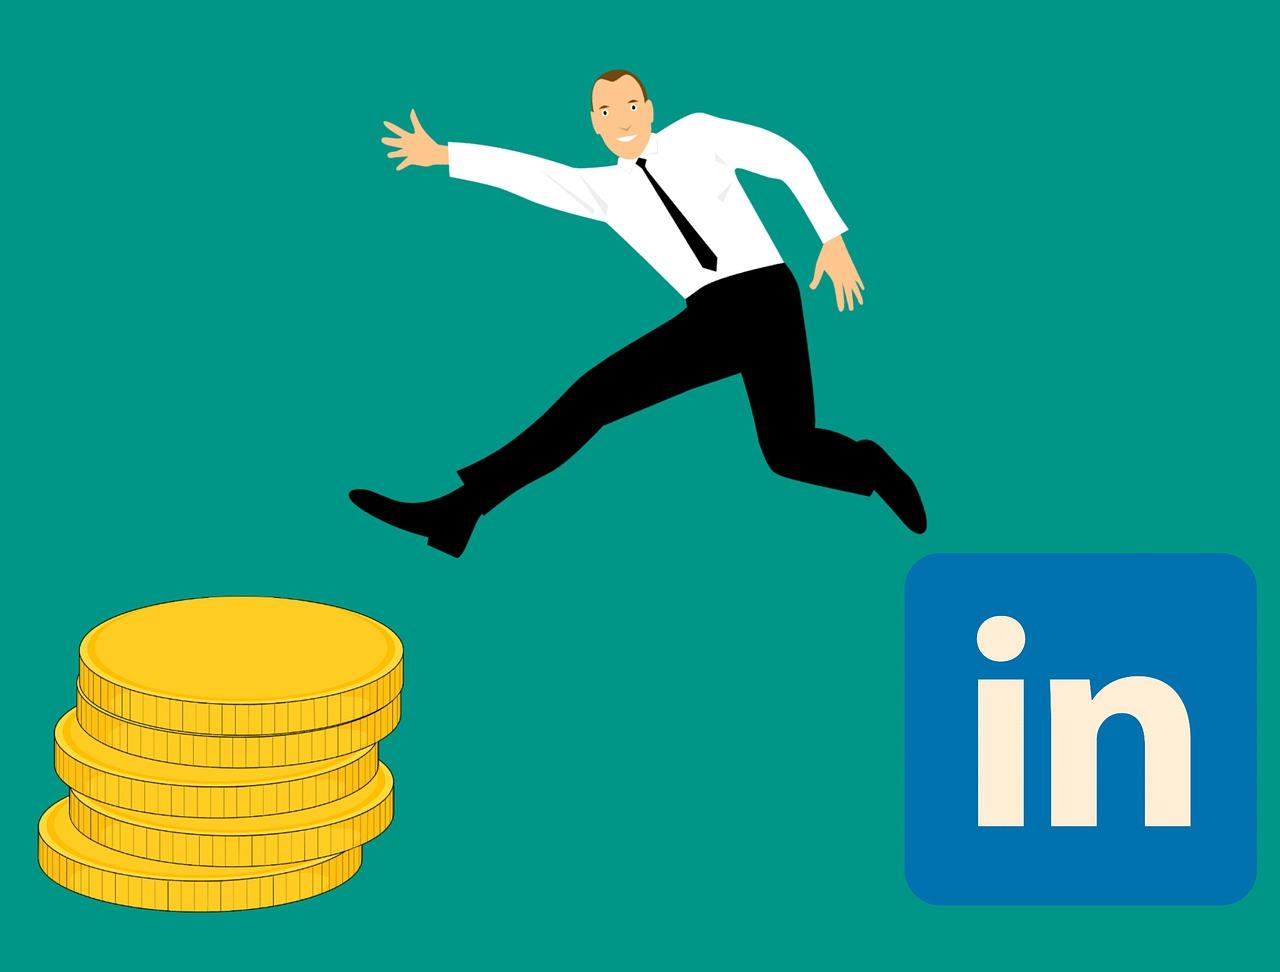 El mejor cv es Linkedin - Consultor y Formador Linkedin - Jose Manuel Lodeiro